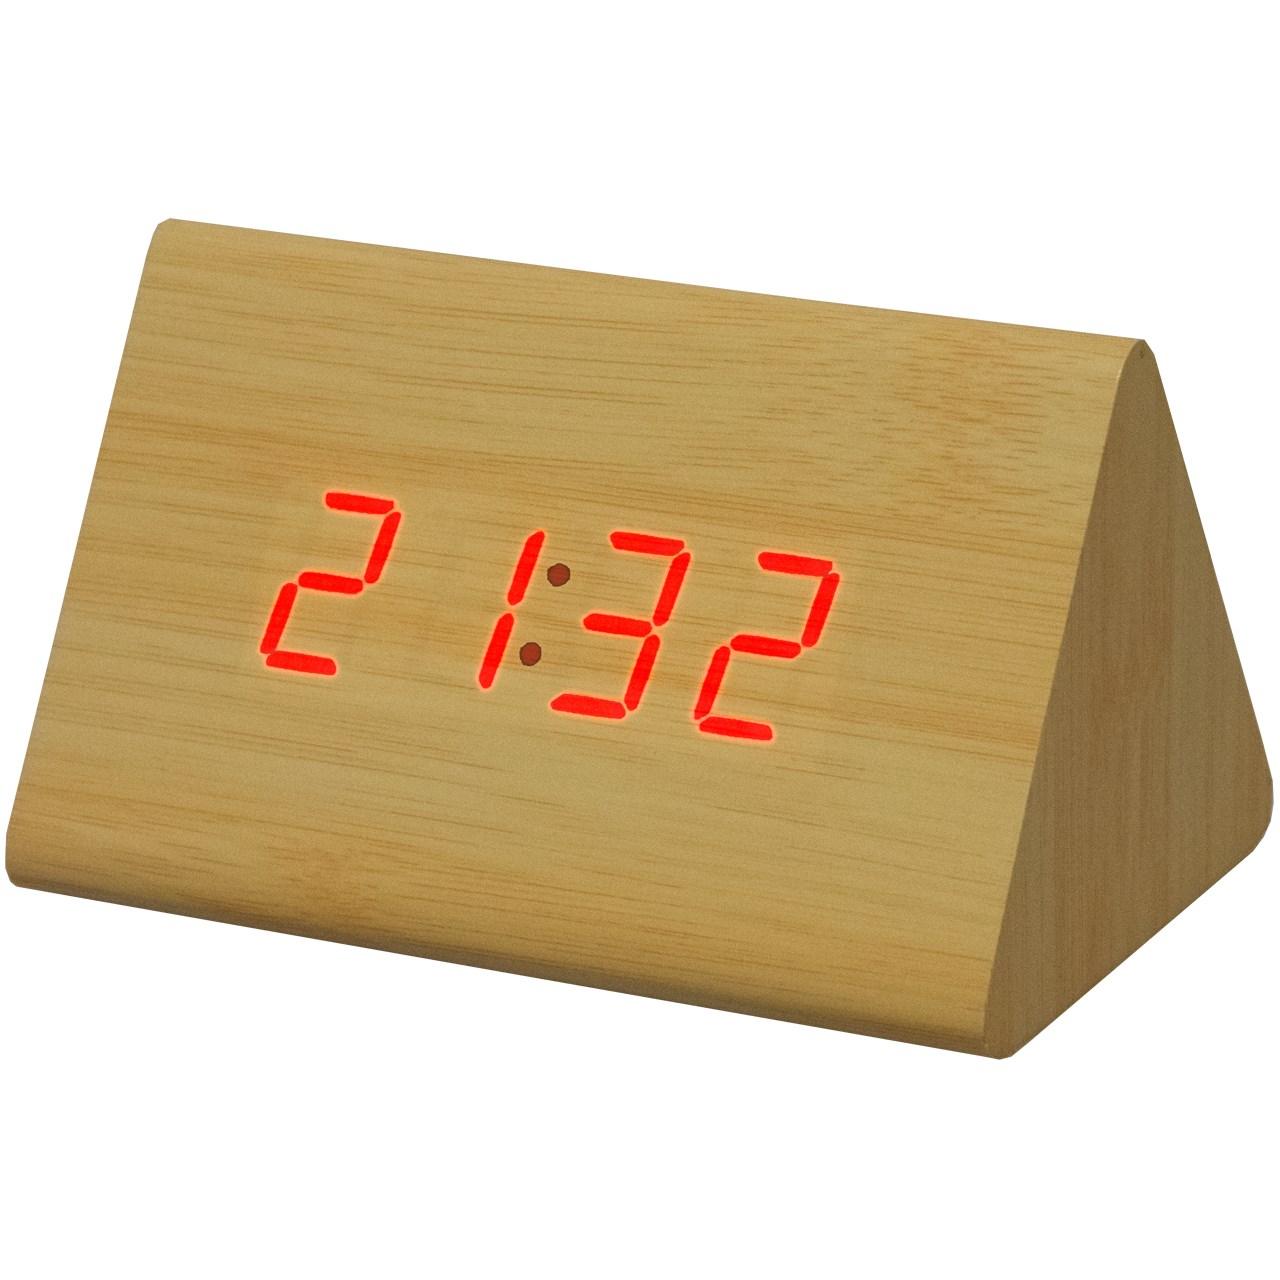 ساعت رومیزی کیمیت مدل Woody 864 C Red